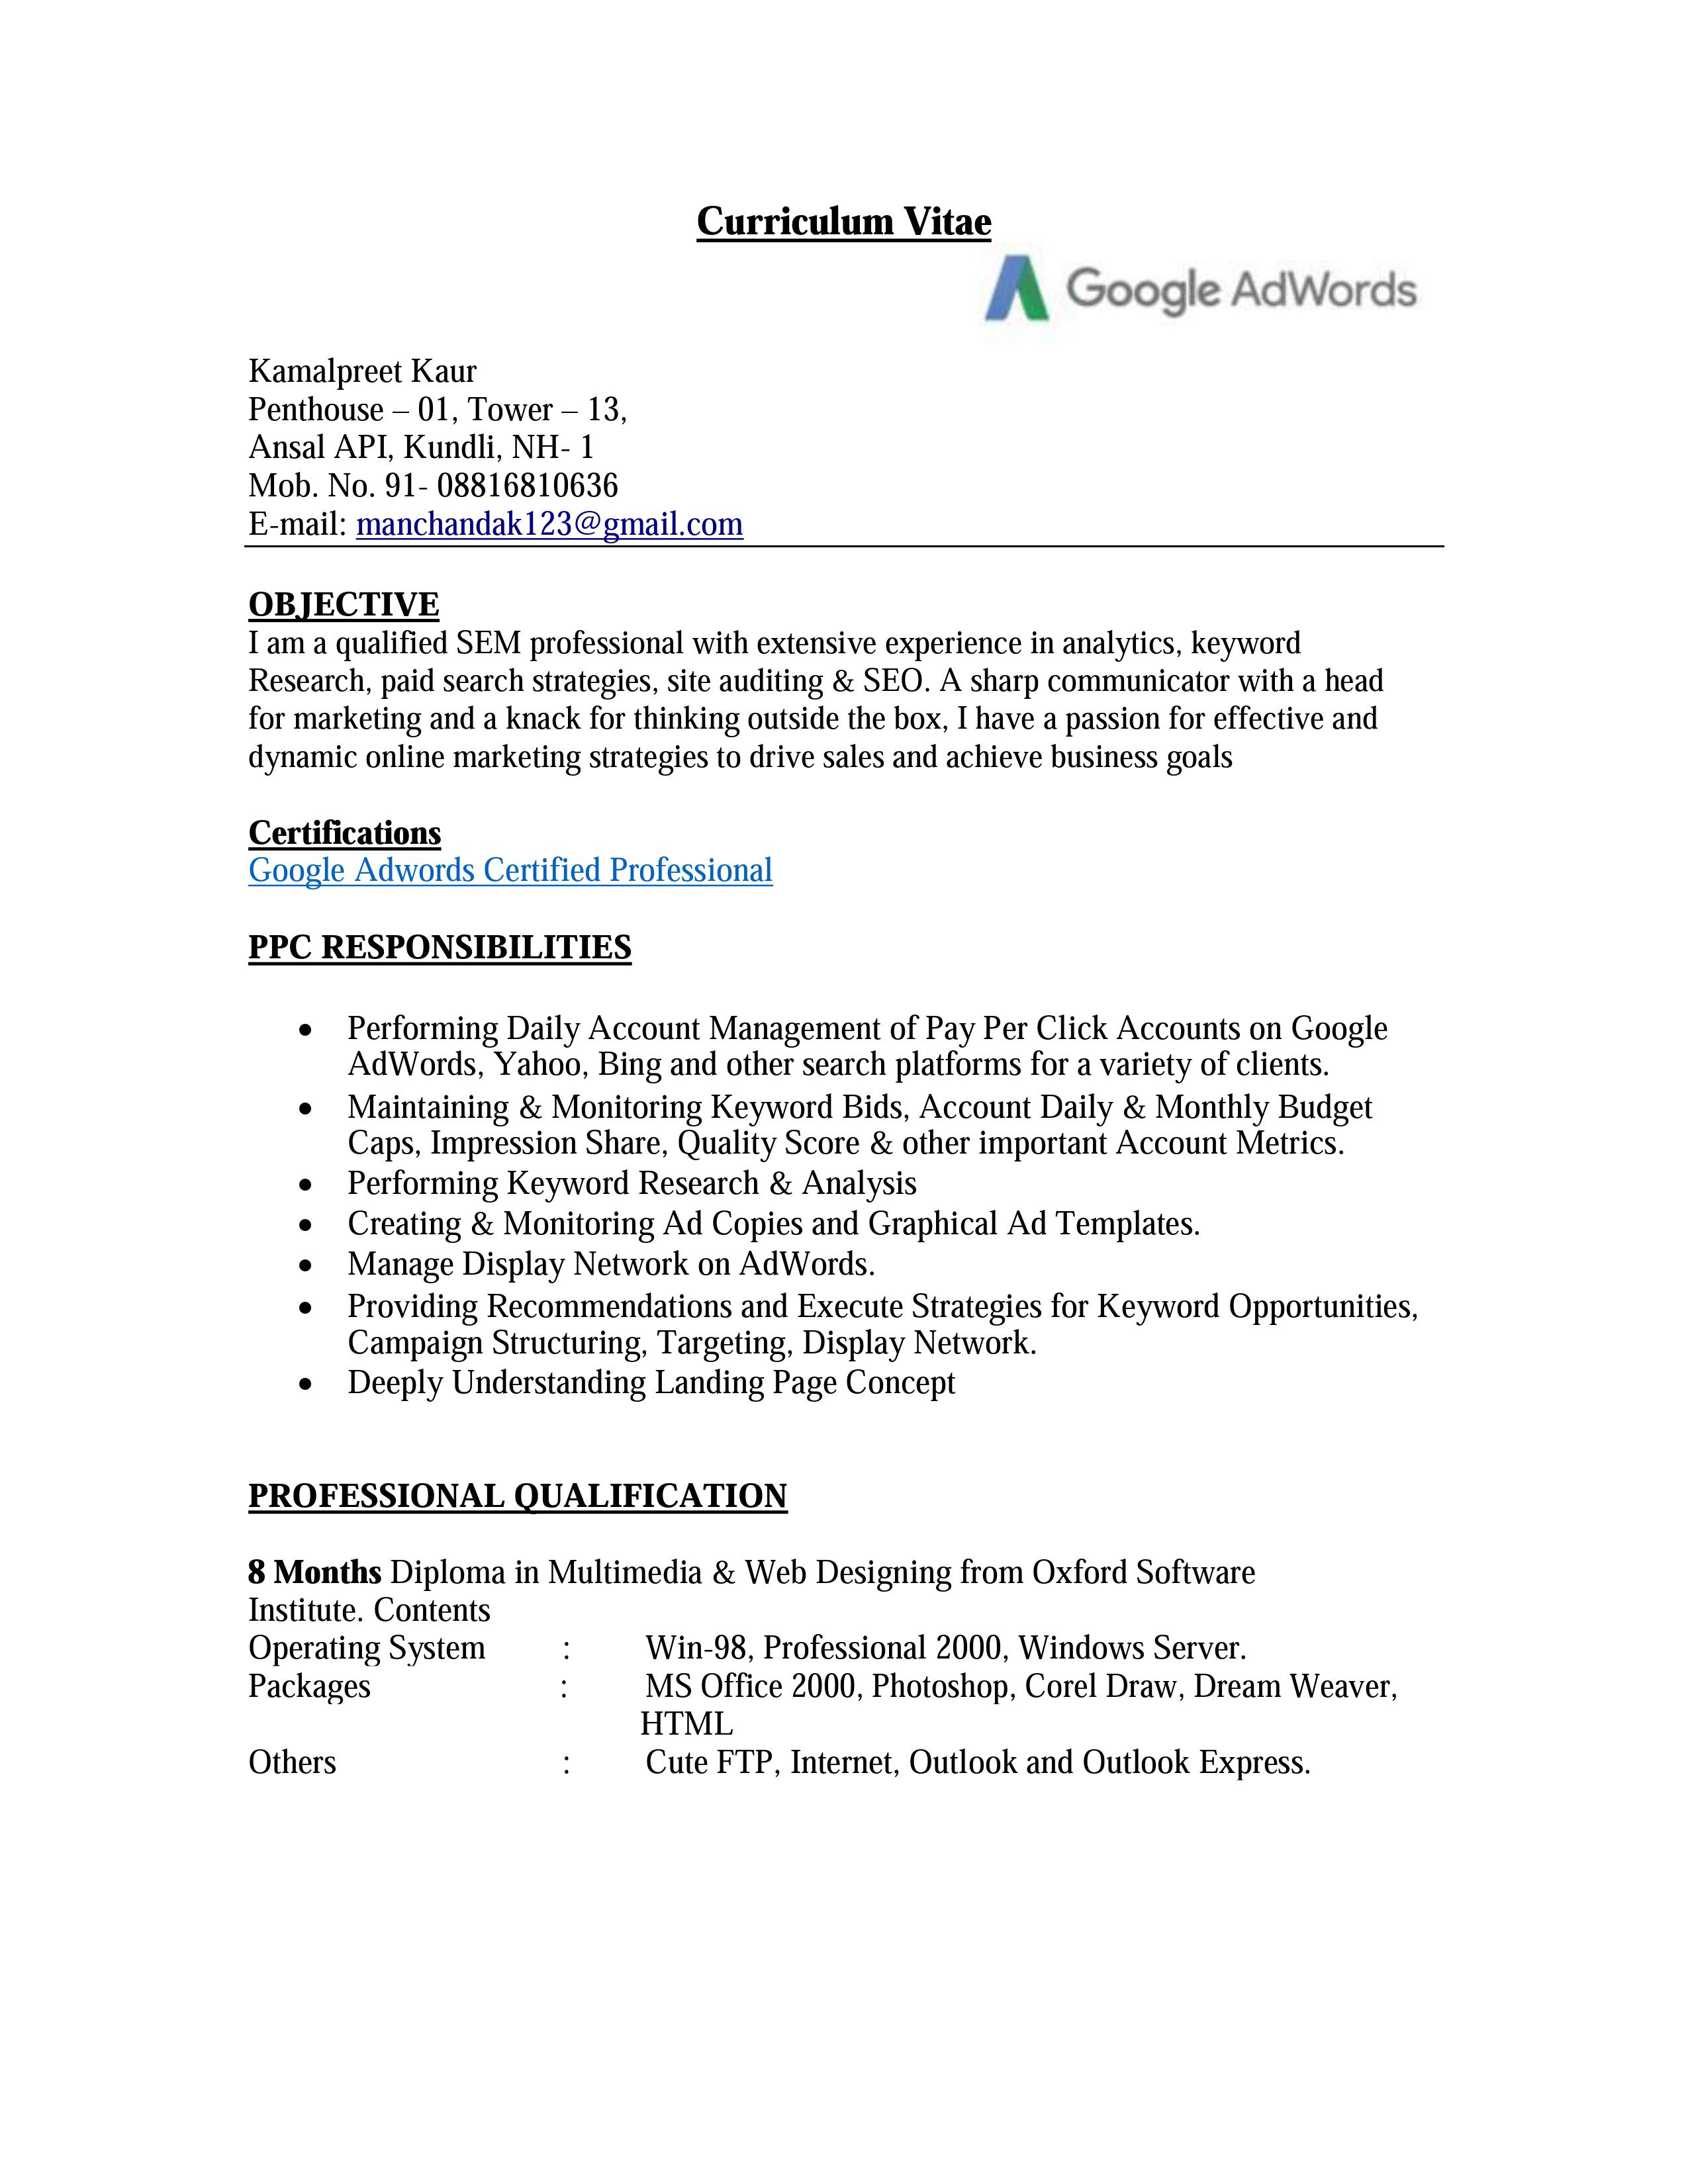 PPC resume